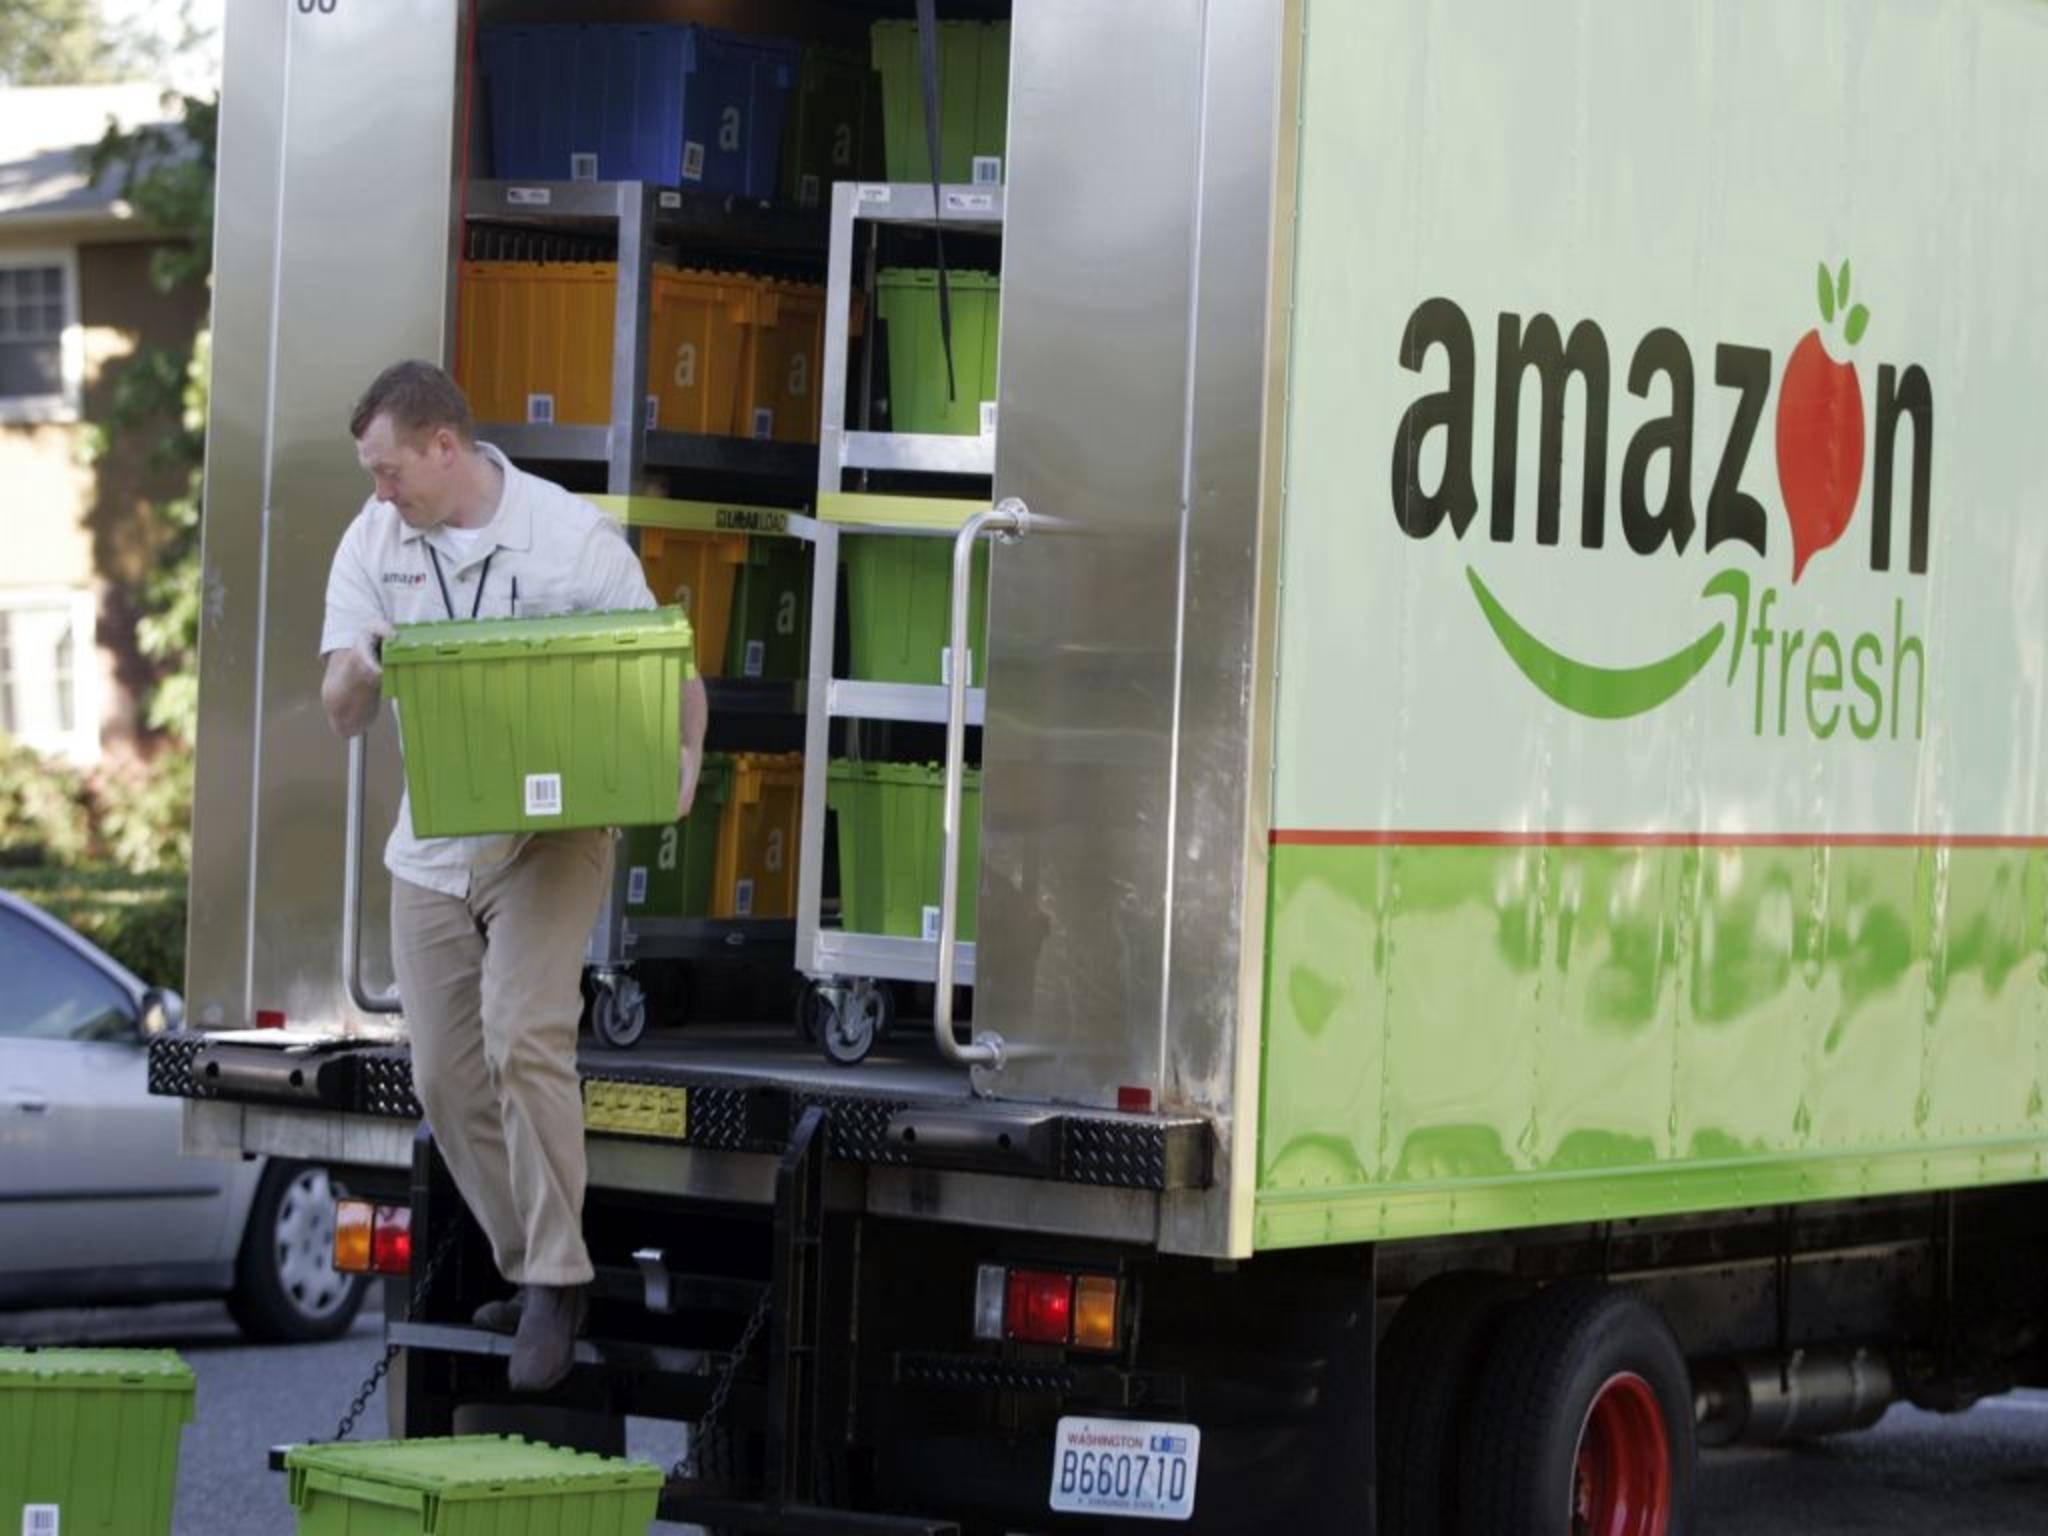 Frische Lebensmittel kann man in den USA schon bei Amazon bestellen. Und nun auch eine frische Pizza.